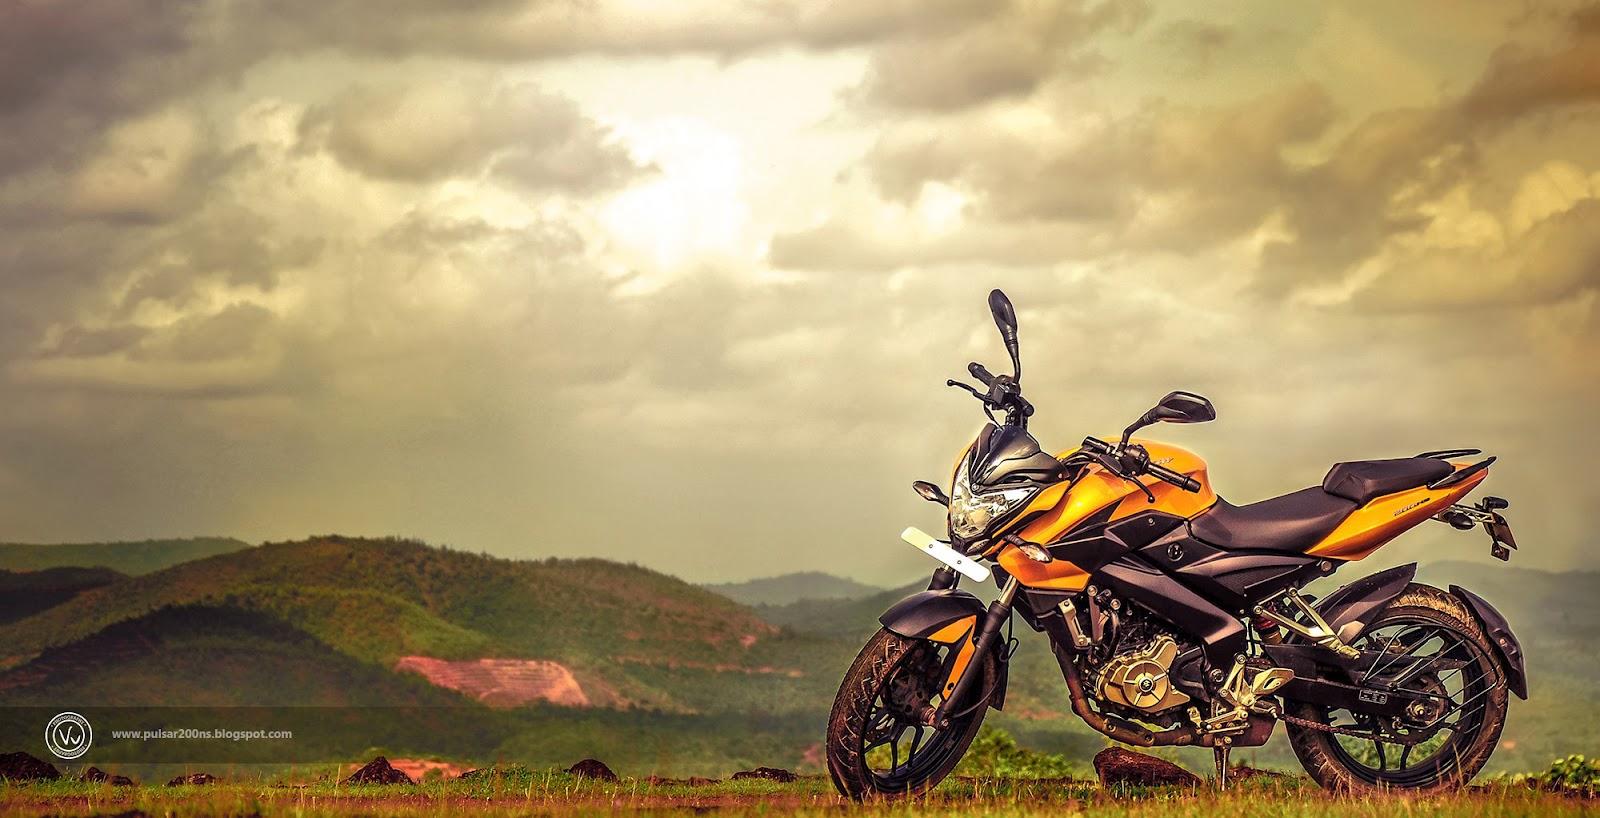 Pulsar Bikes Wallpapers Hd: BAJAJ PULSAR 200NS Customer Review